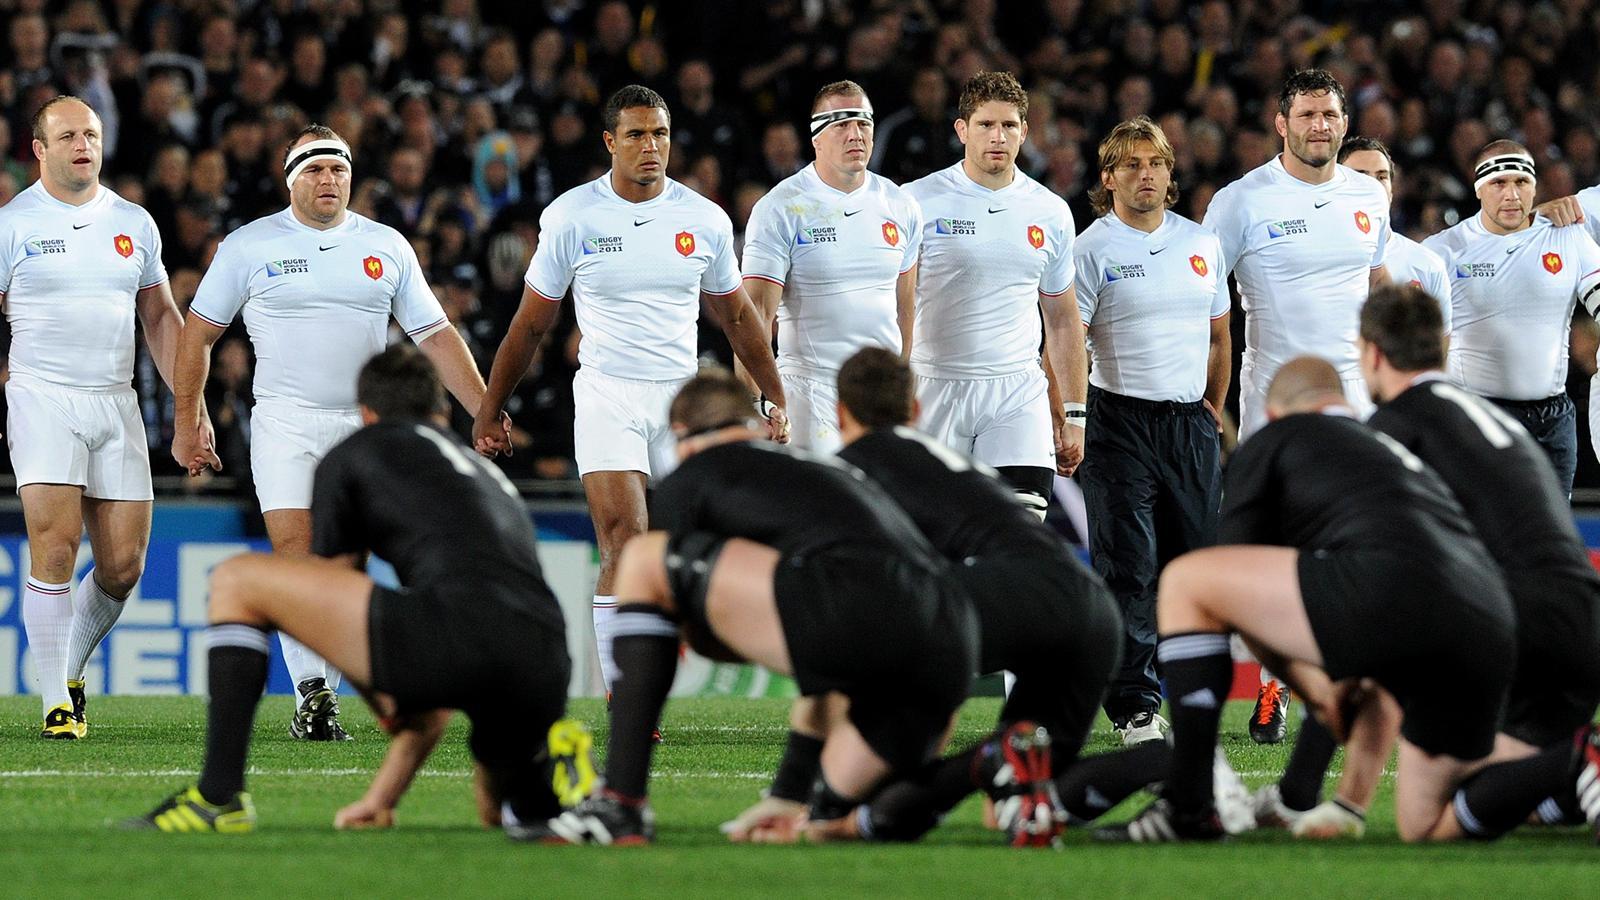 France nouvelle z lande haka et si les bleus pr paraient quelque chose coupe du monde - Groupe coupe du monde rugby 2015 ...